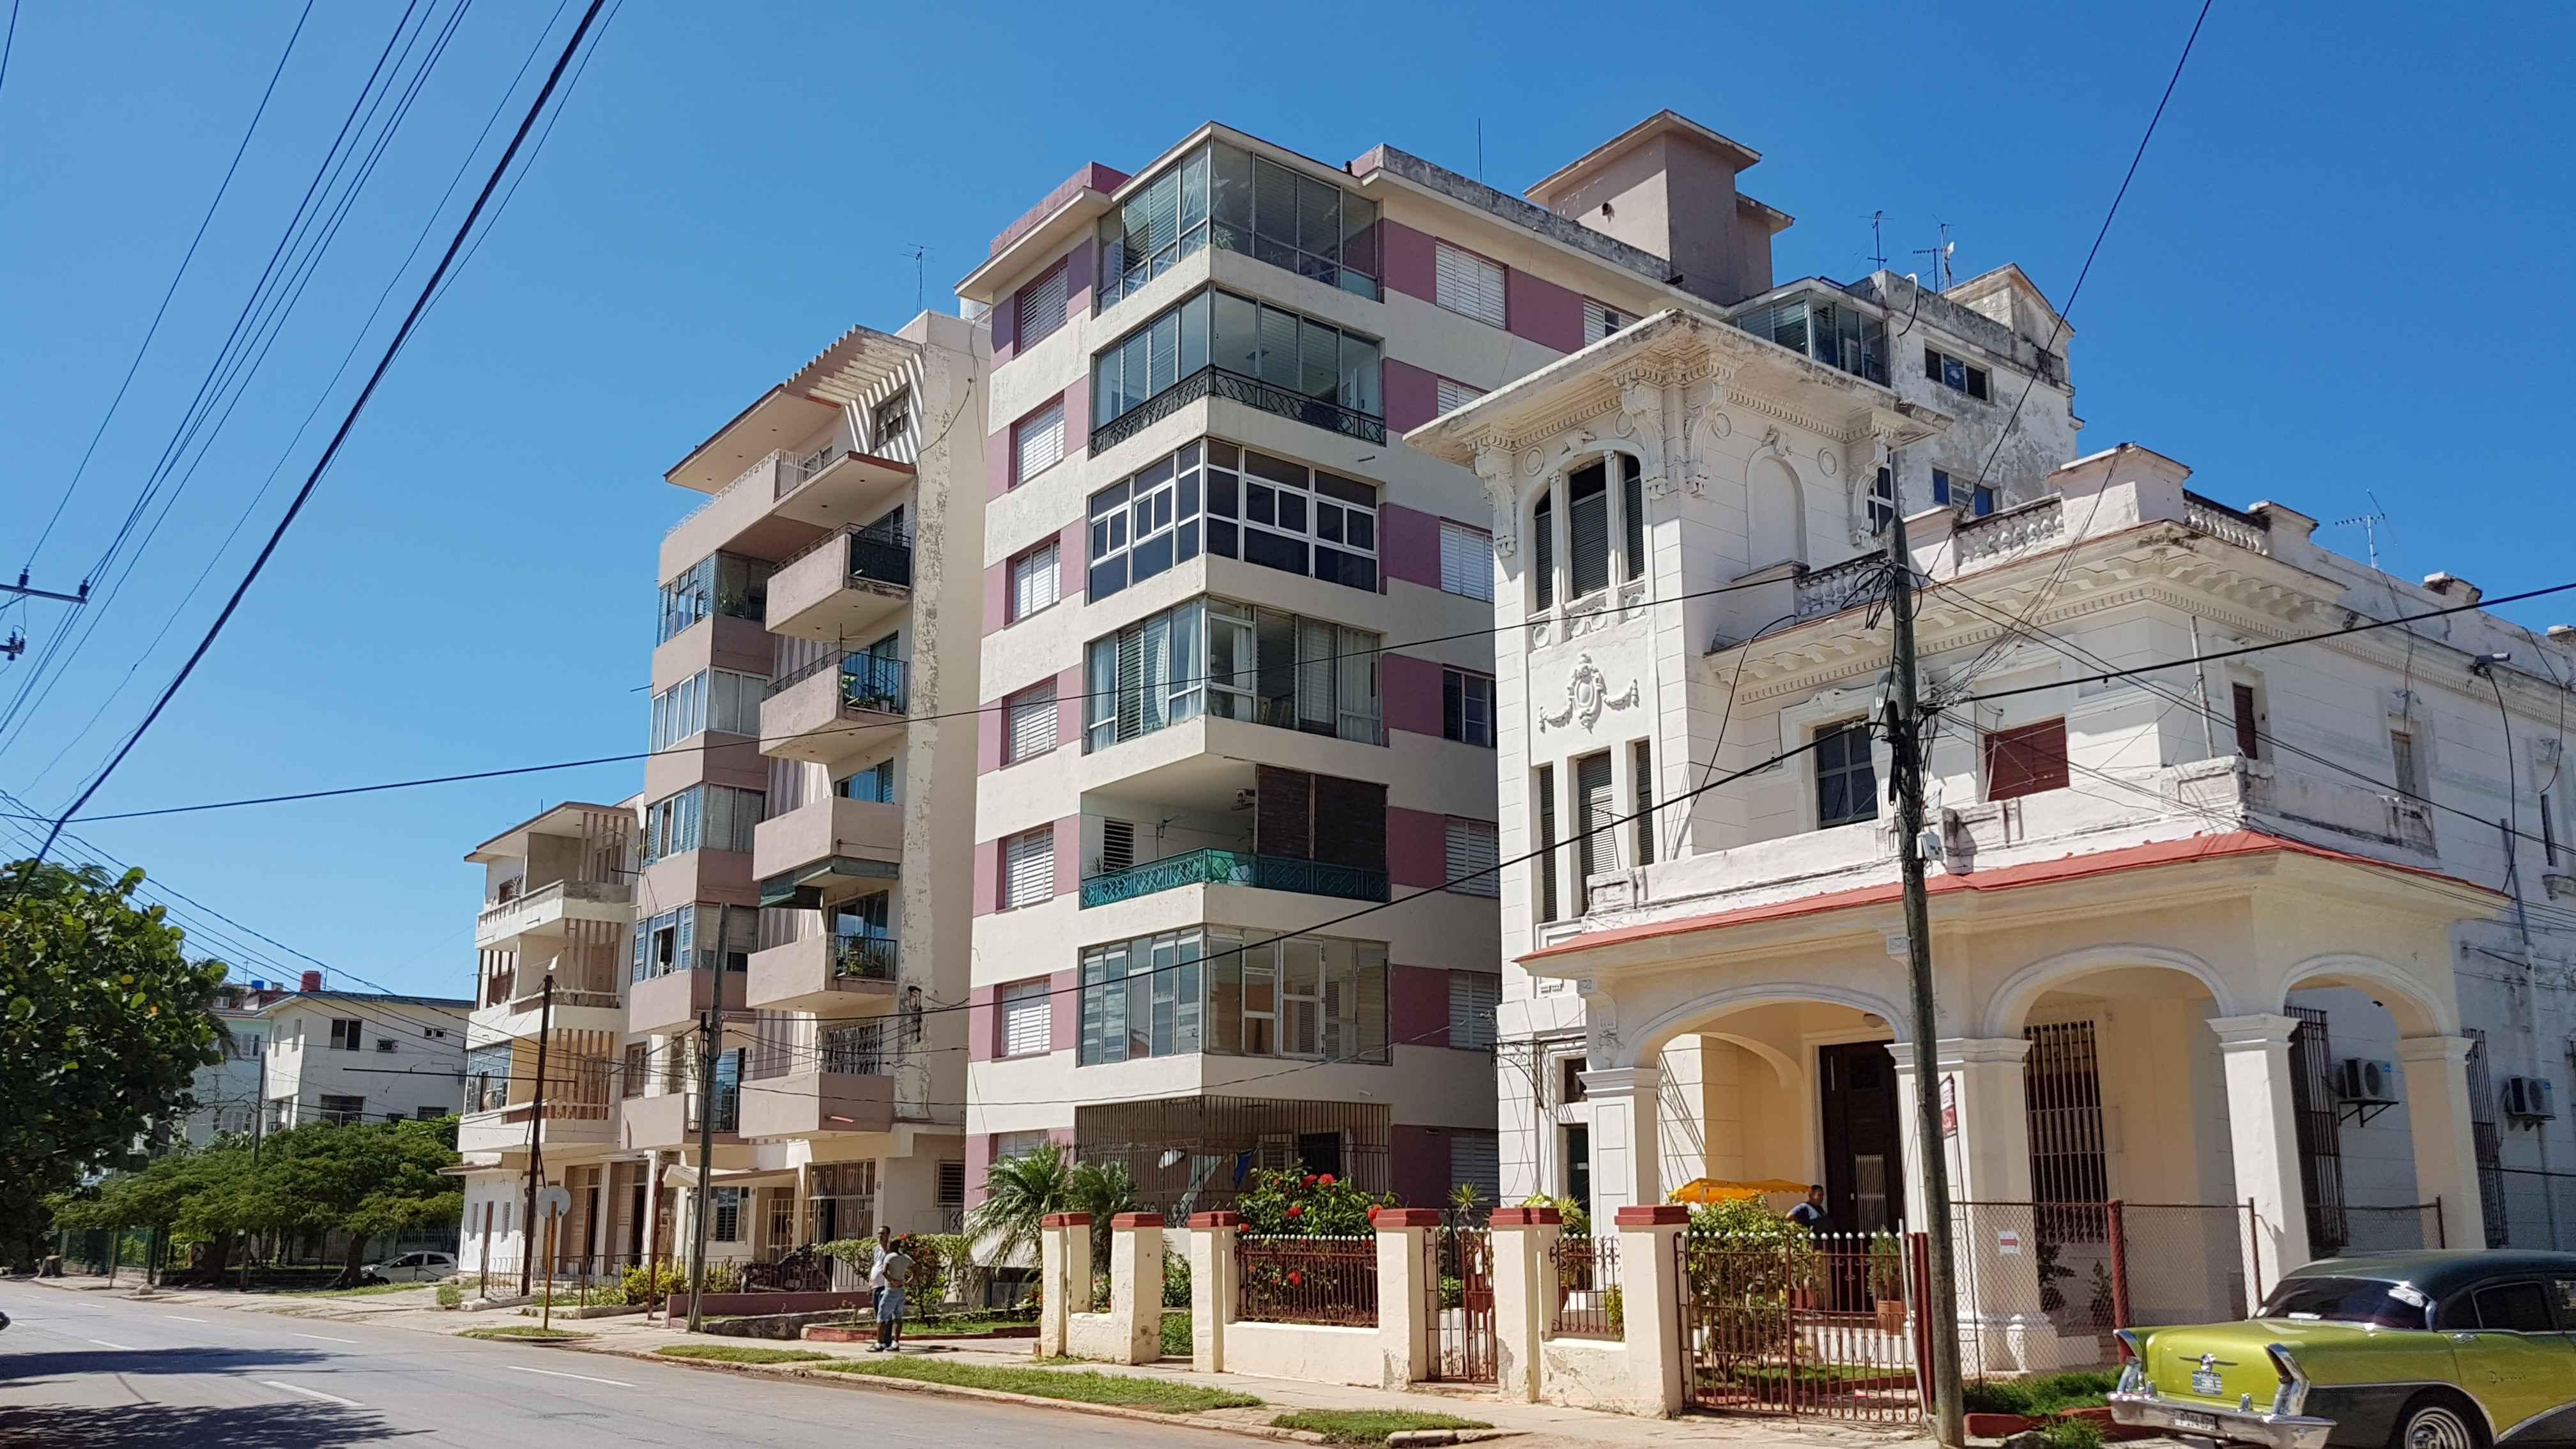 HAV327 - Apartamento Alturas de Calzada